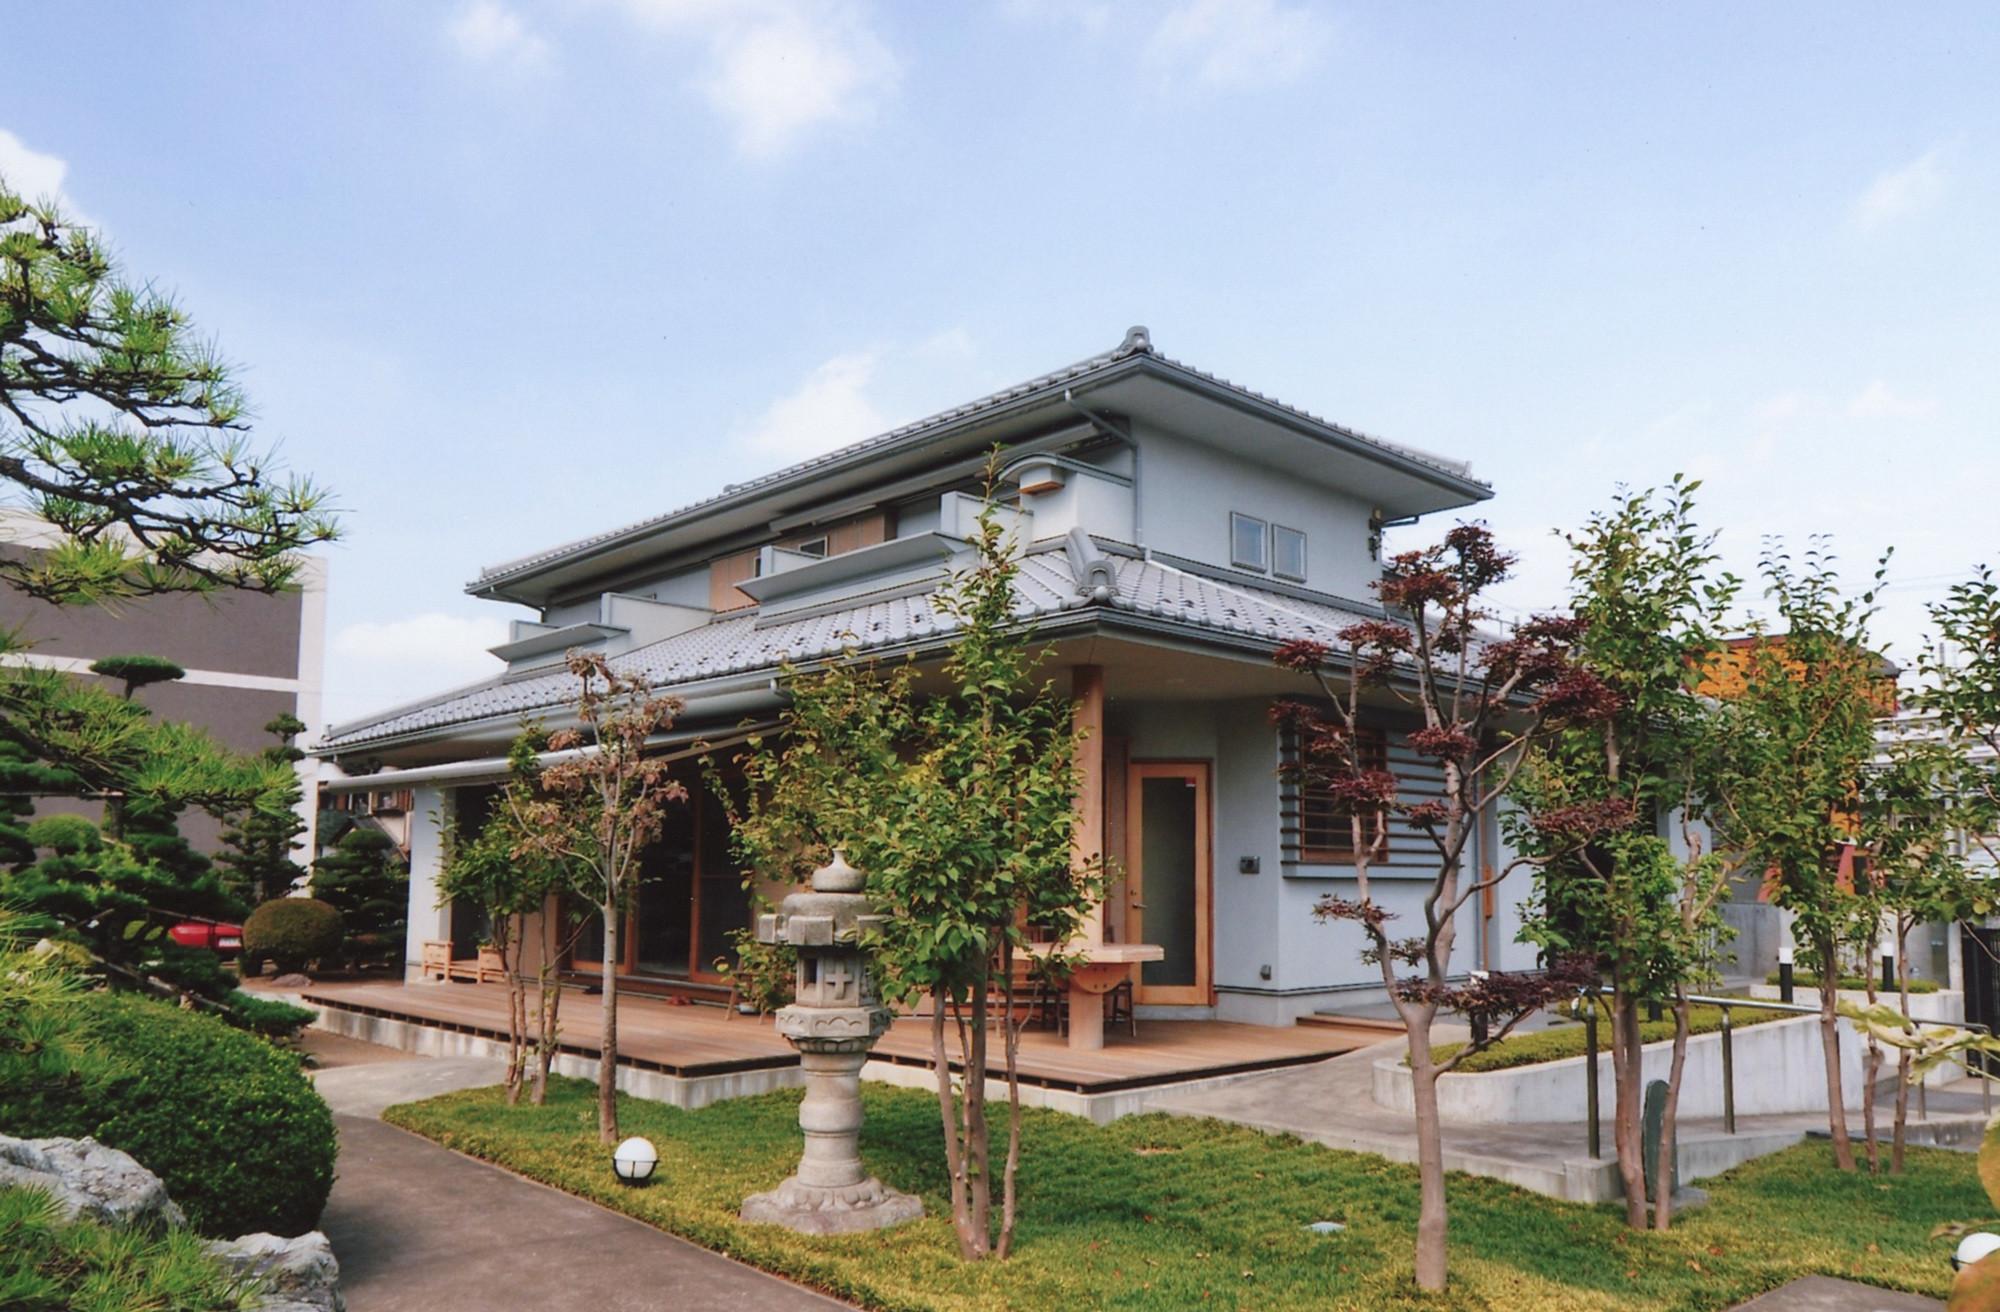 屋根は日本瓦葺き(いぶし銀) | シニア世代の建て替え:終の住処(和風)